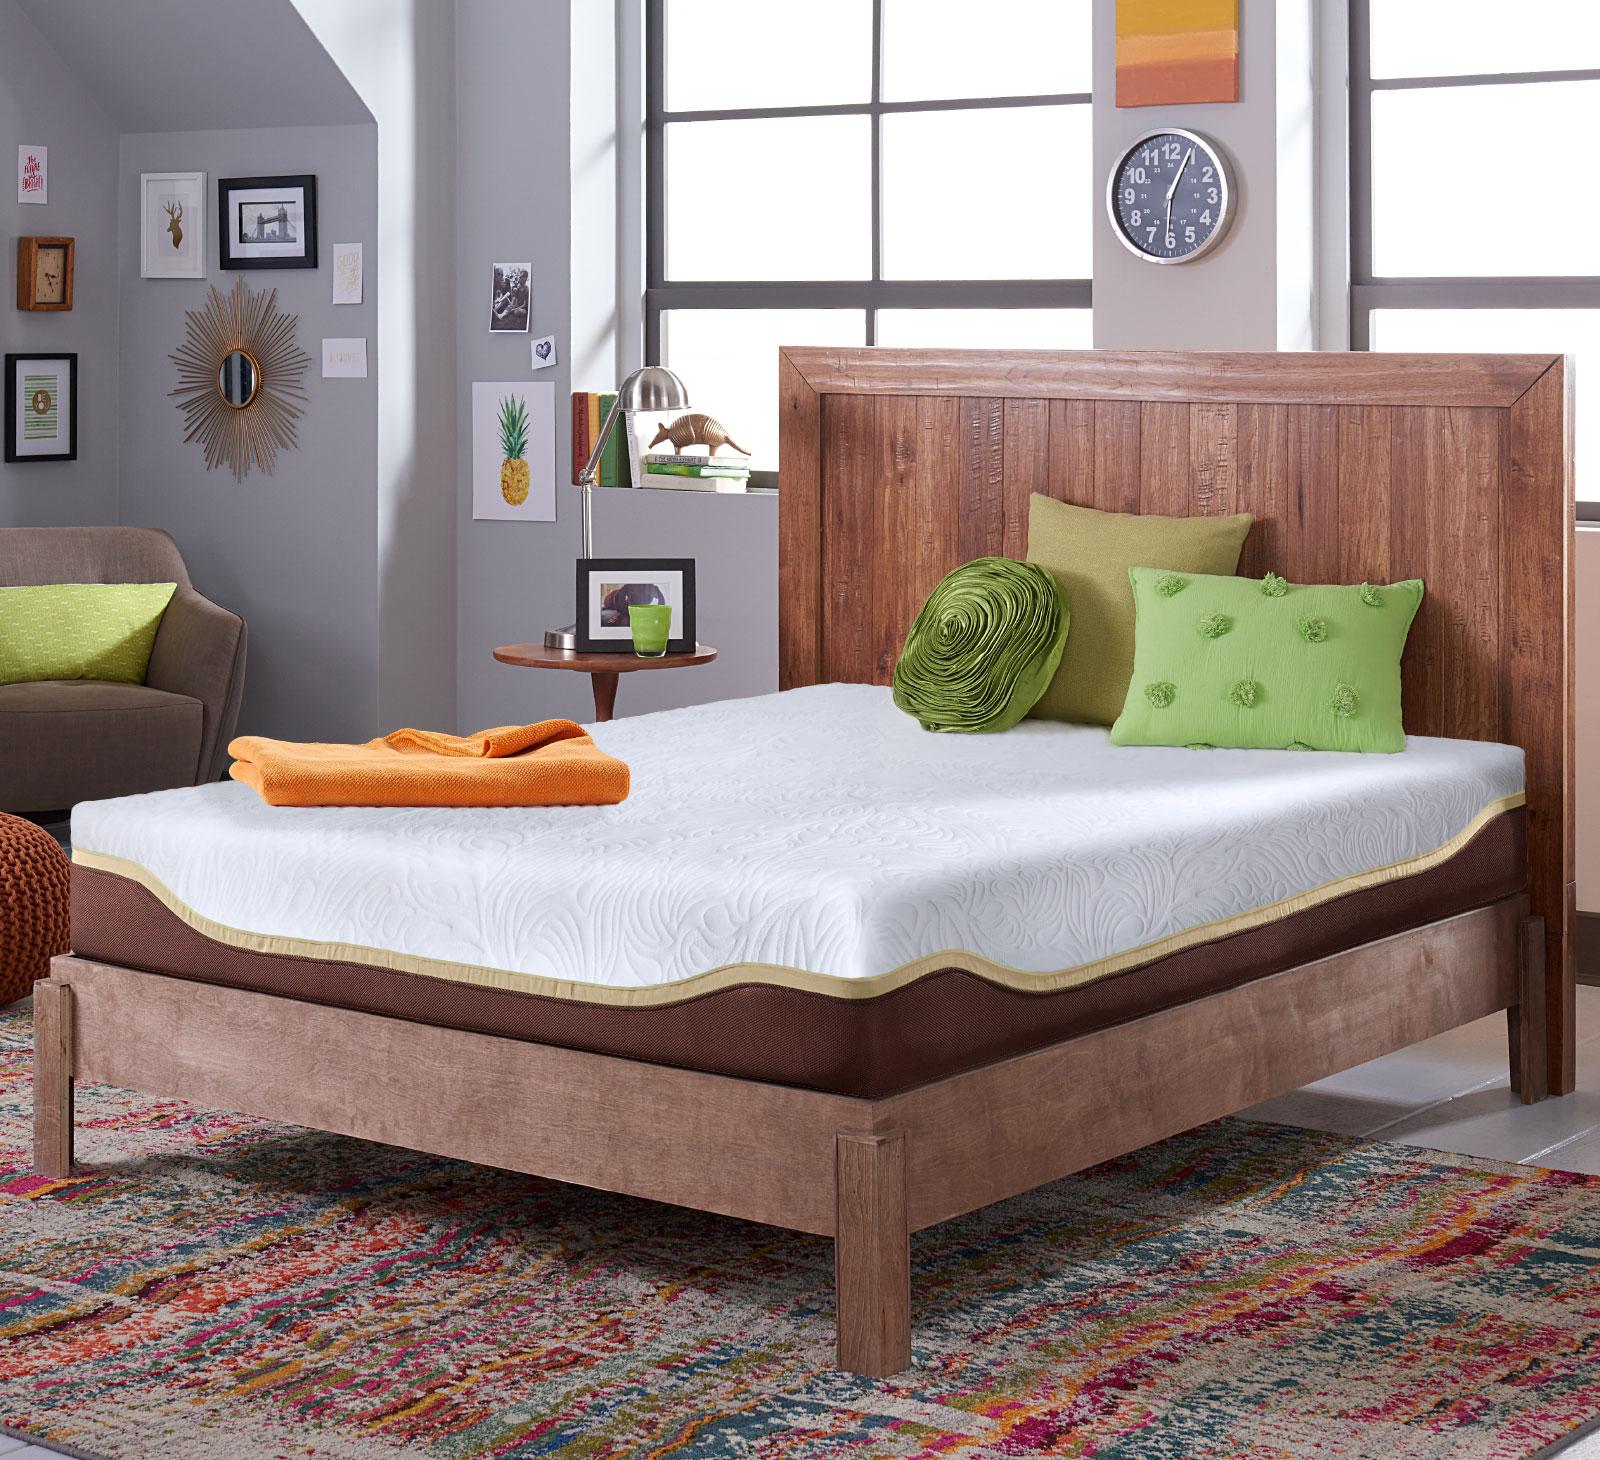 Sleep Number Bed Vs Icomfort